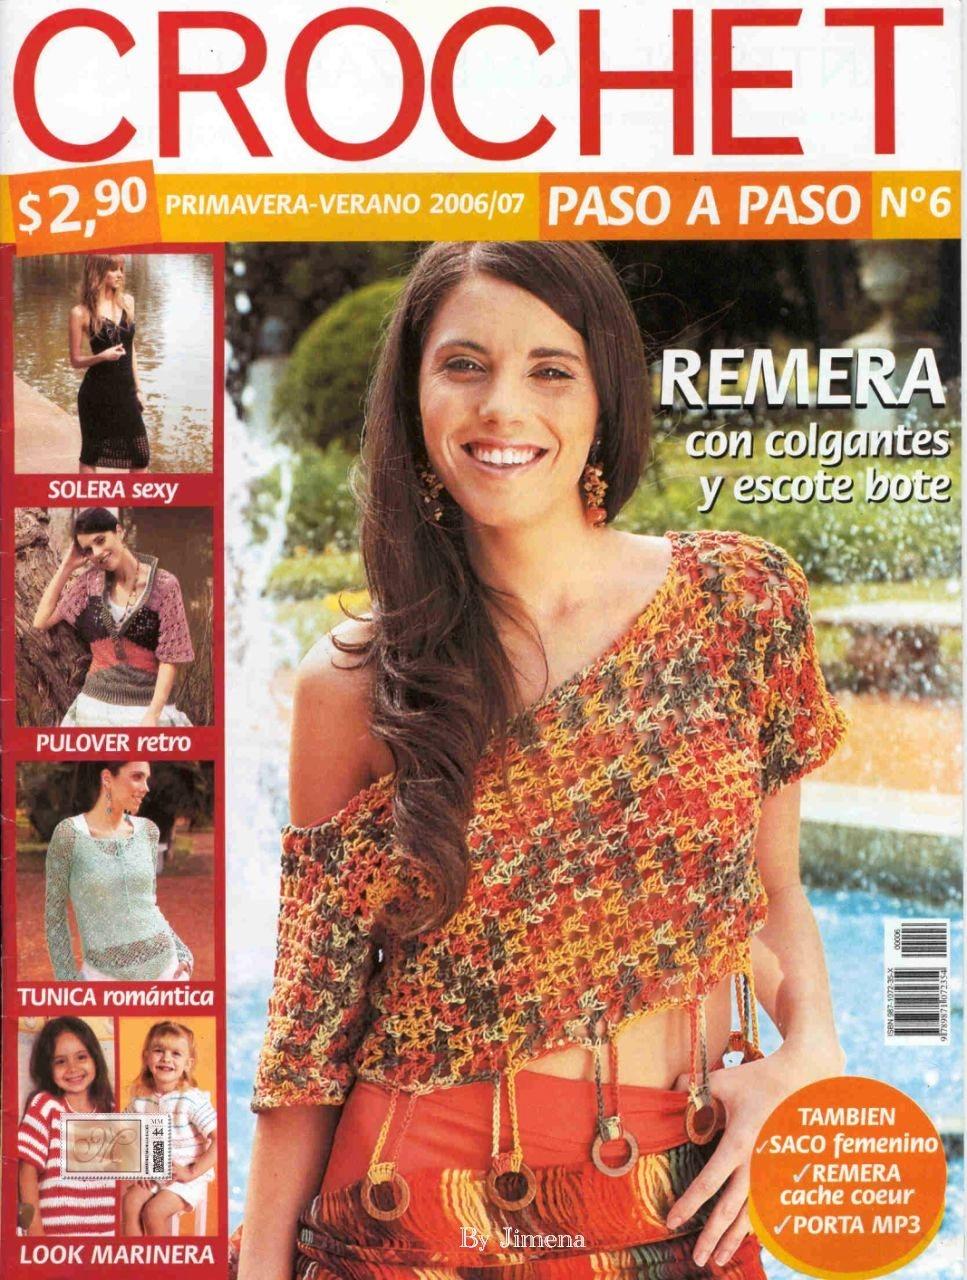 Revista: Crochet Paso a Paso - 6